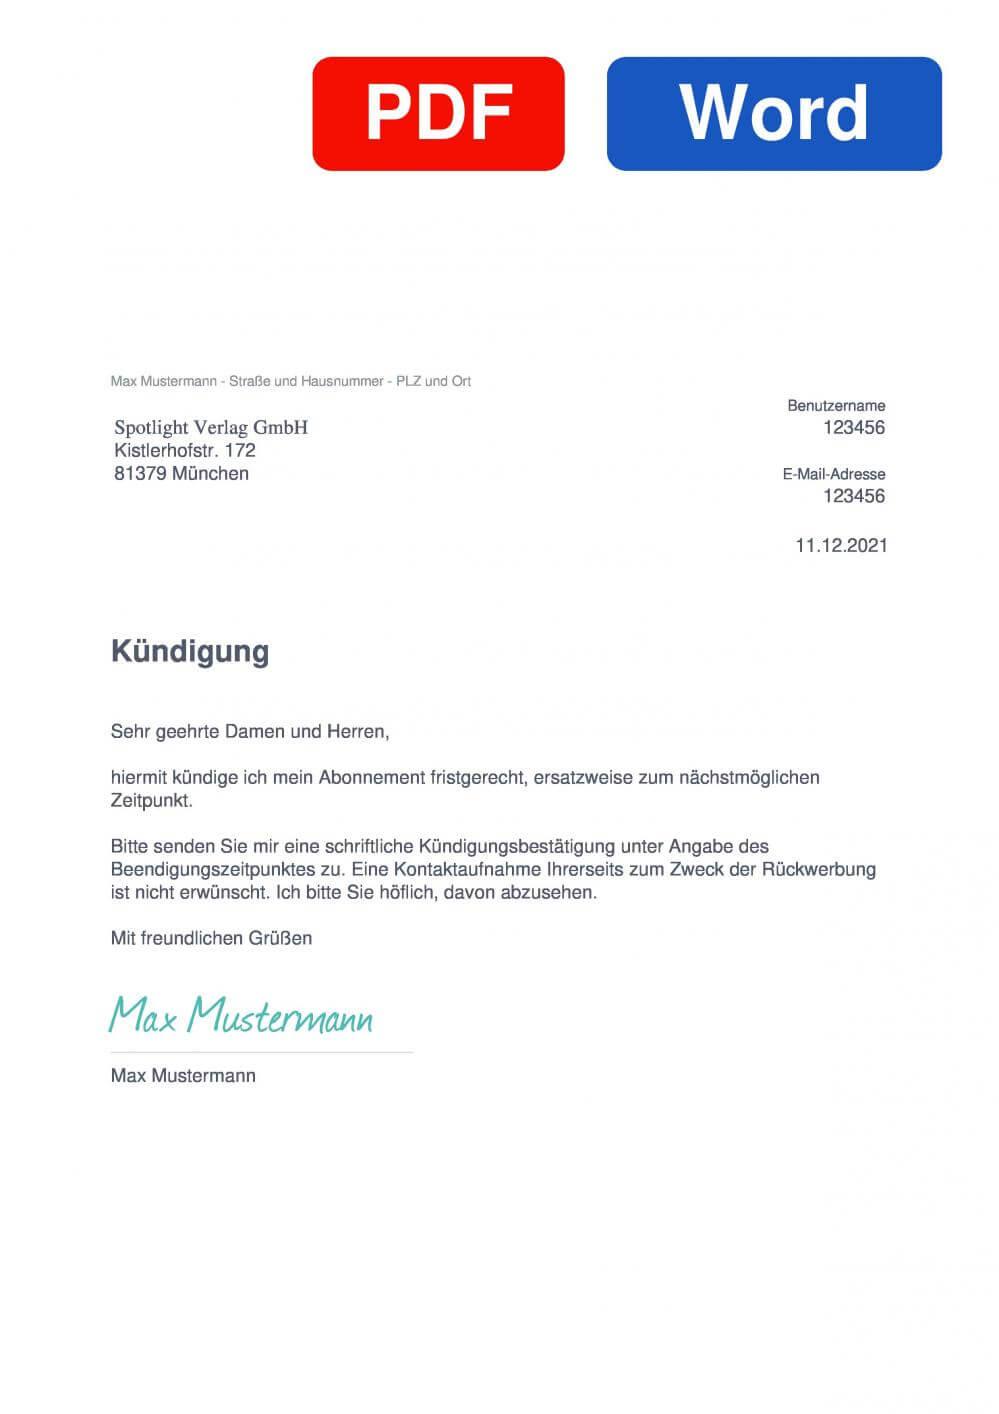 dalango Muster Vorlage für Kündigungsschreiben